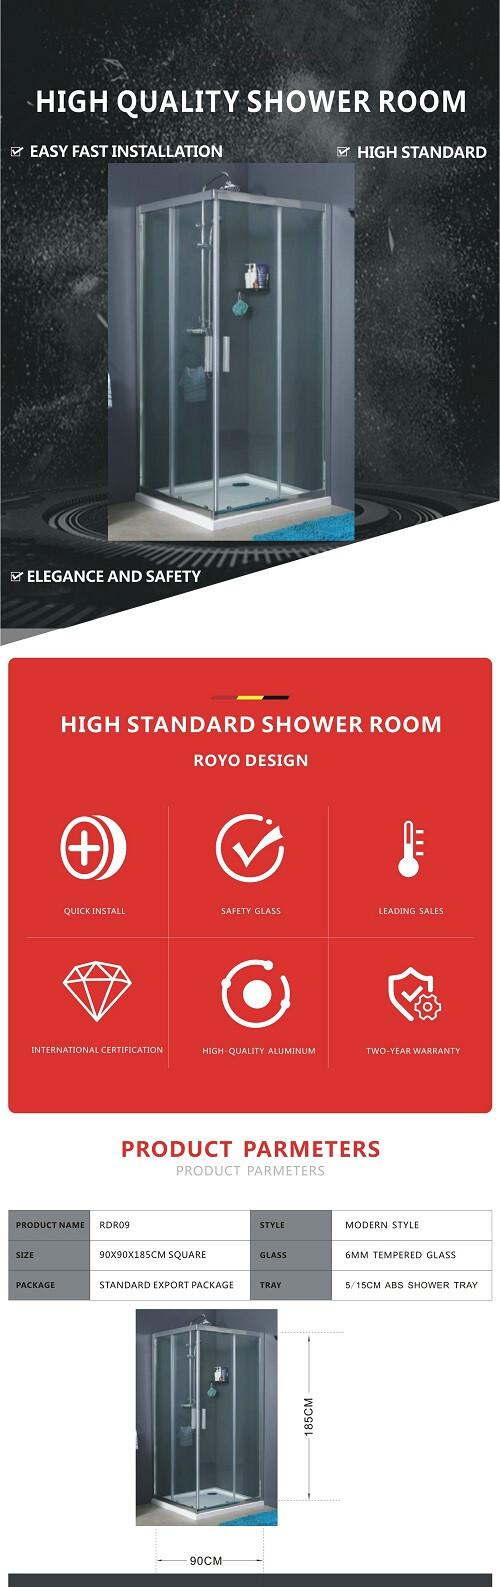 aluminium bath Shower enclosure